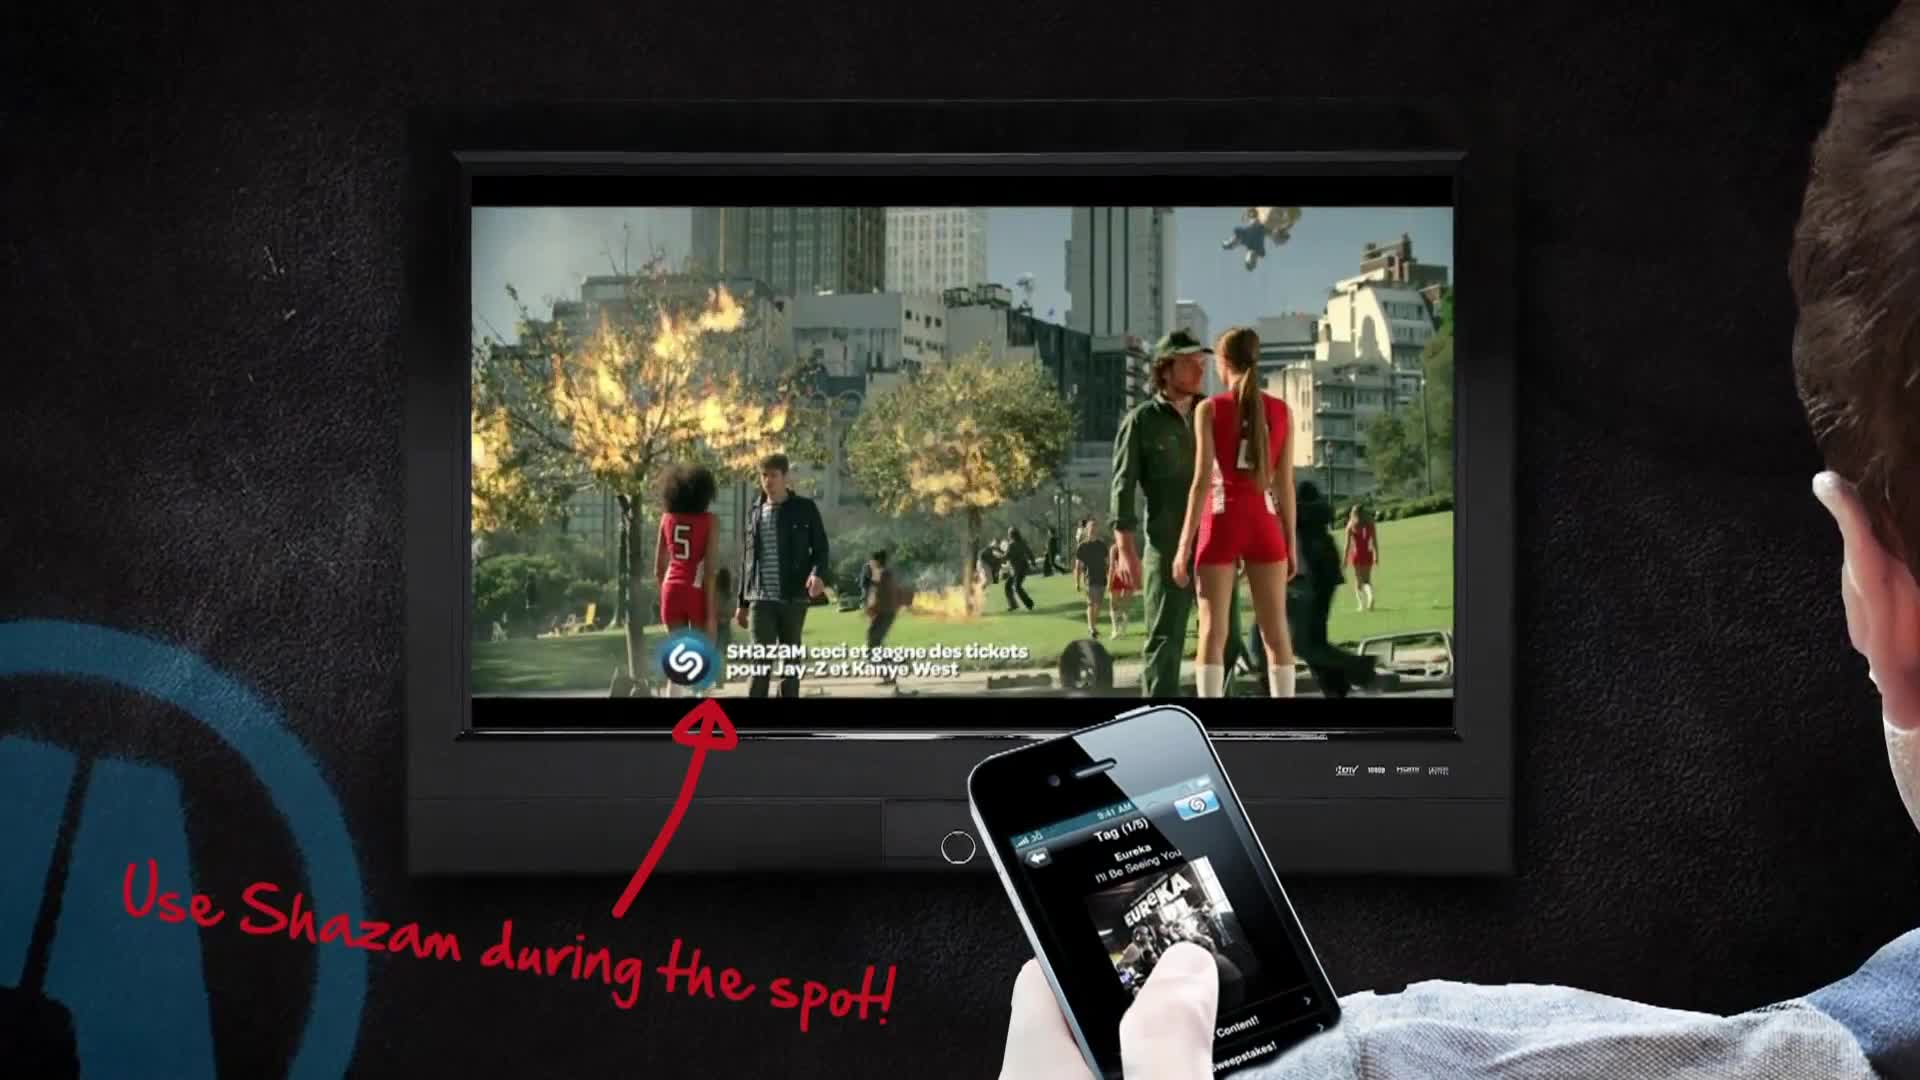 Que Ofrecen Los Anuncios Axe Shazam Tv Integration